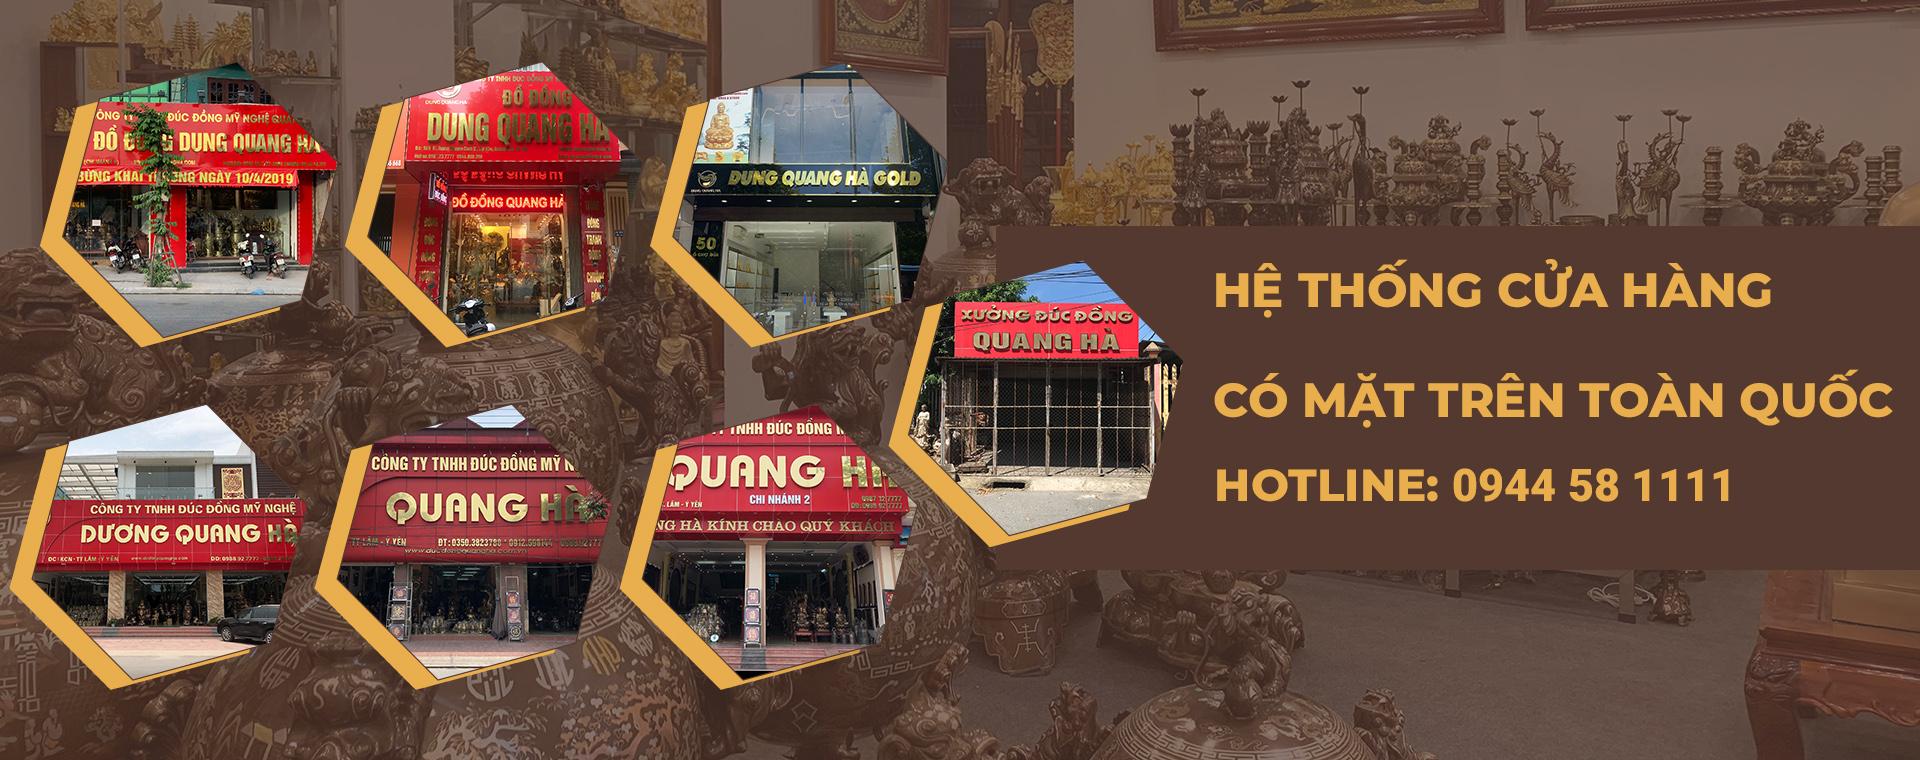 he-thong-cua-hang-cua-do-dong-dung-quang-ha